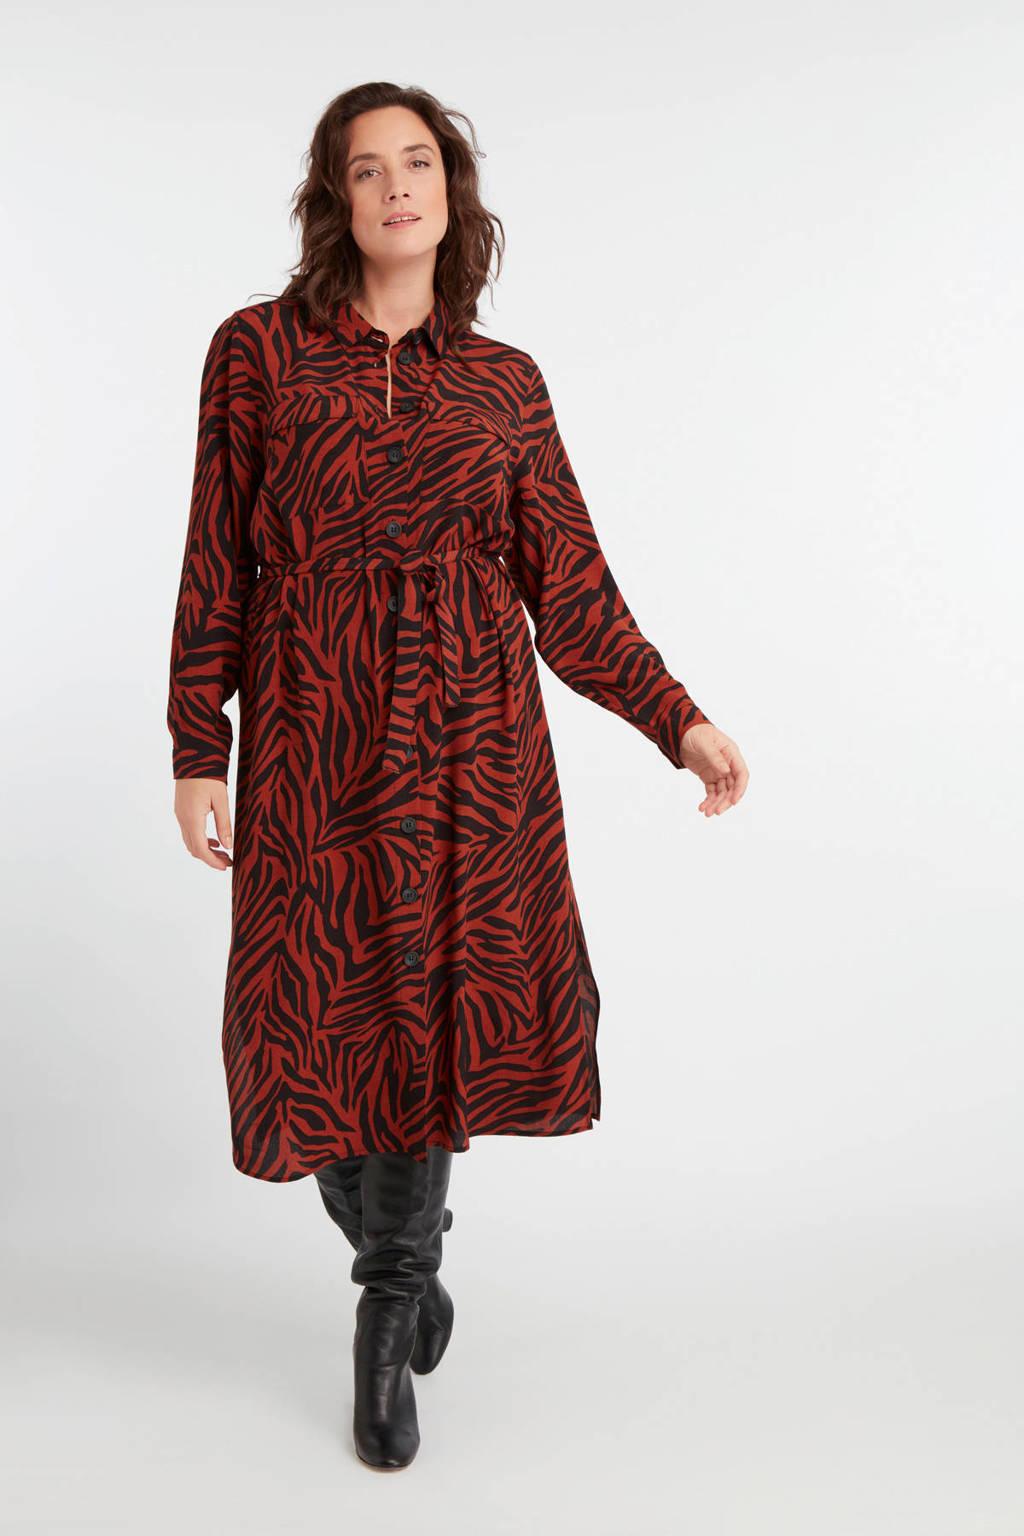 MS Mode blousejurk met zebraprint en ceintuur  rood/zwart,  Rood/zwart